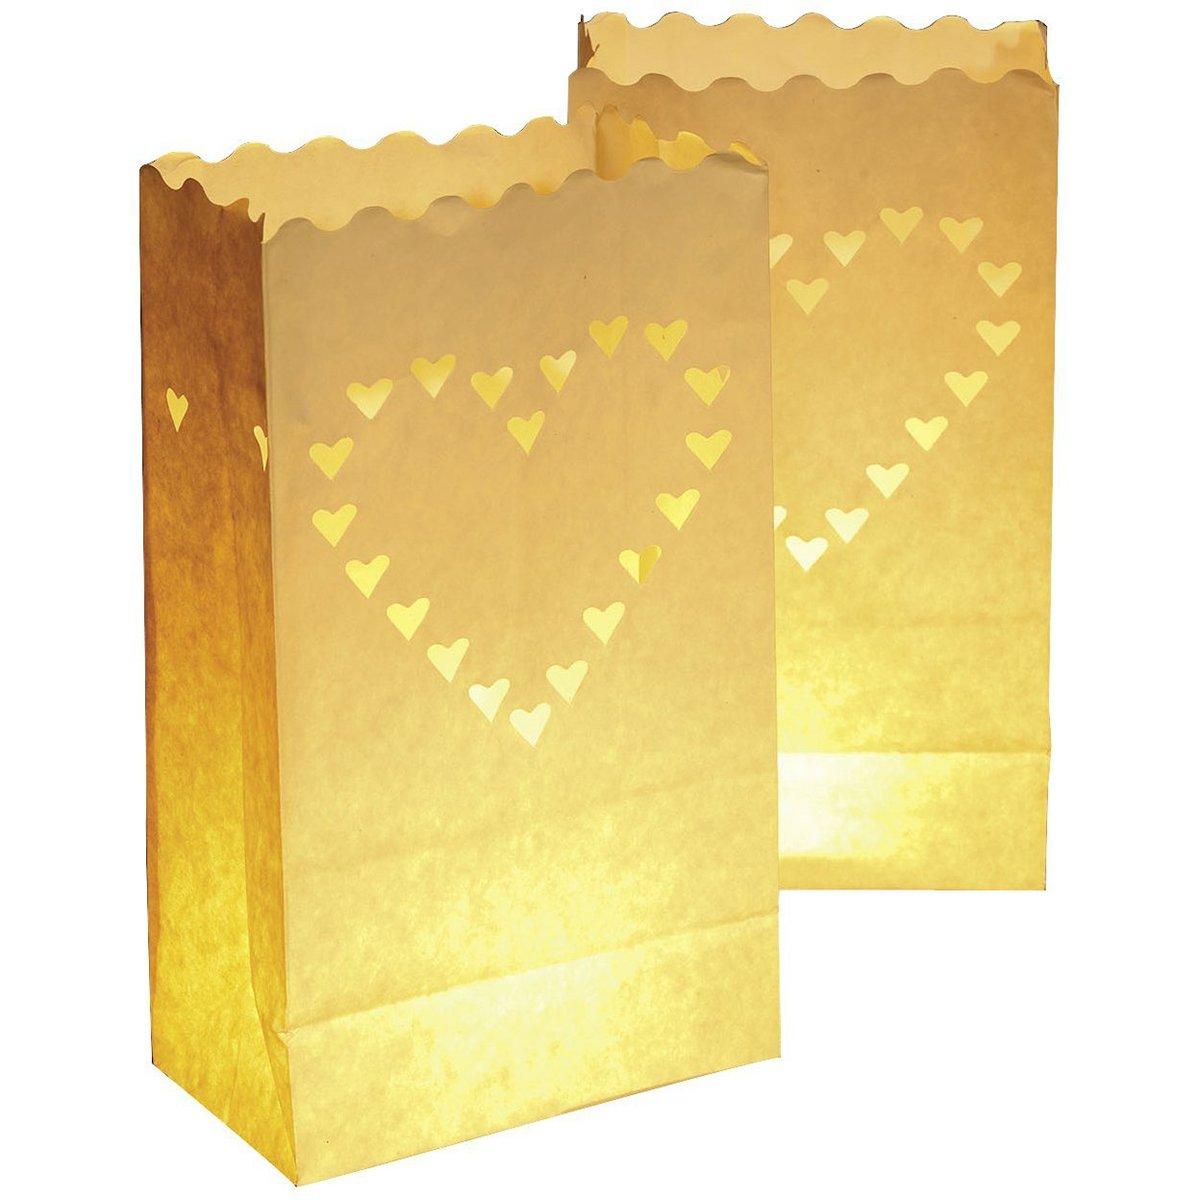 Pixnor 10pcs del luminare borse candela cuore borse a forma di per la decorazione della casa di festa di nozze